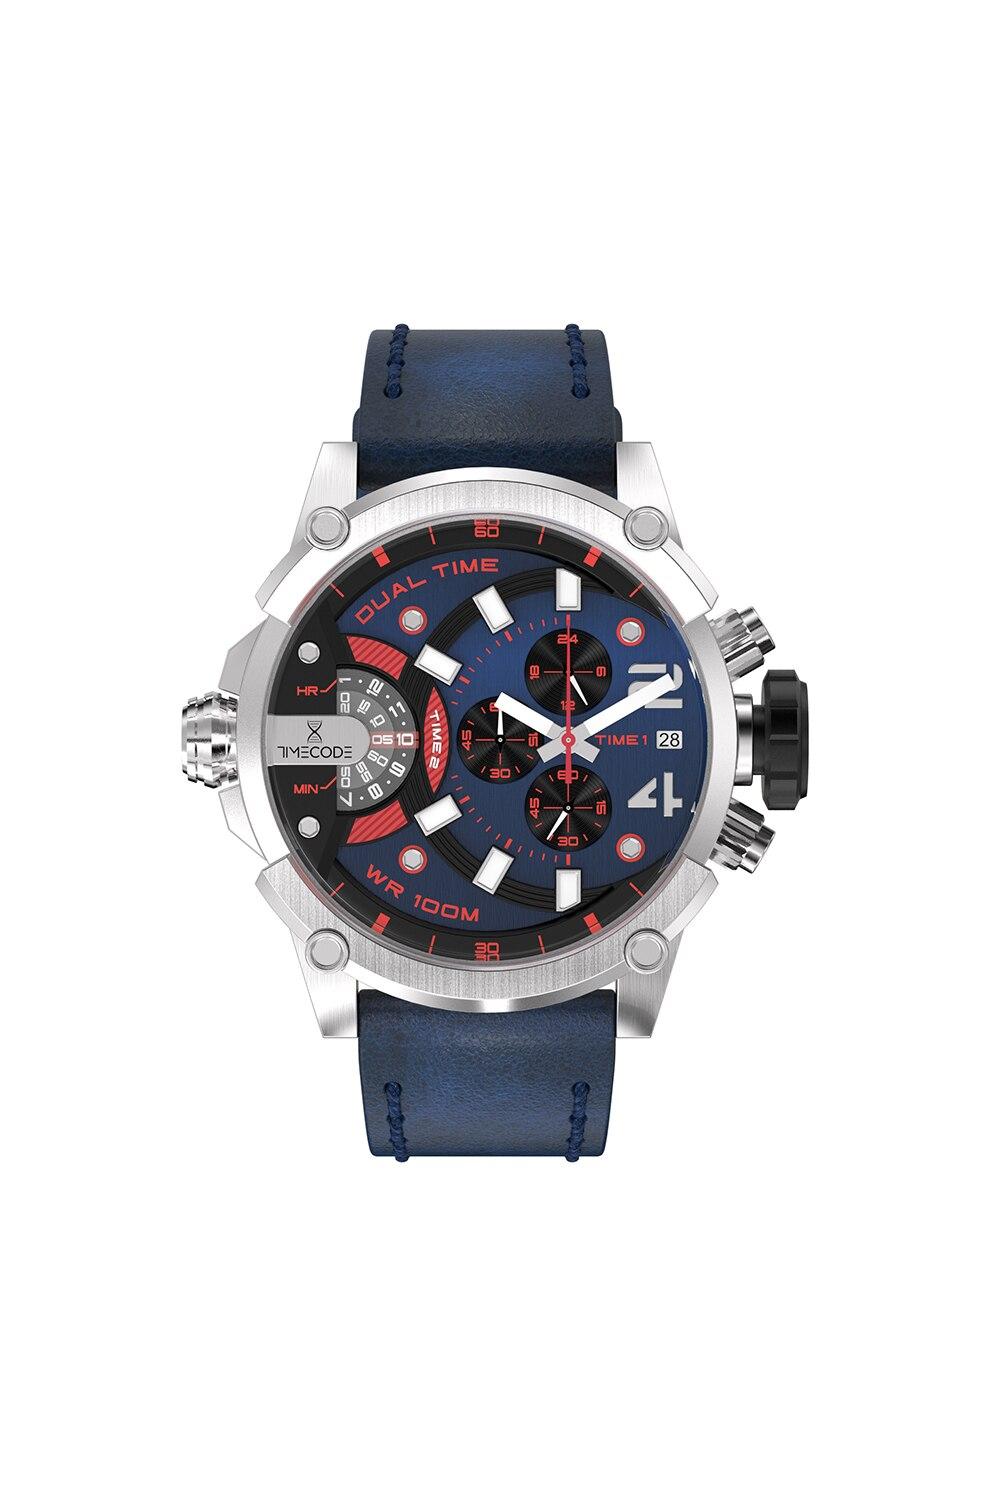 Fotografie Timecode, Ceas cronograf cu o curea de piele, Albastru inchis